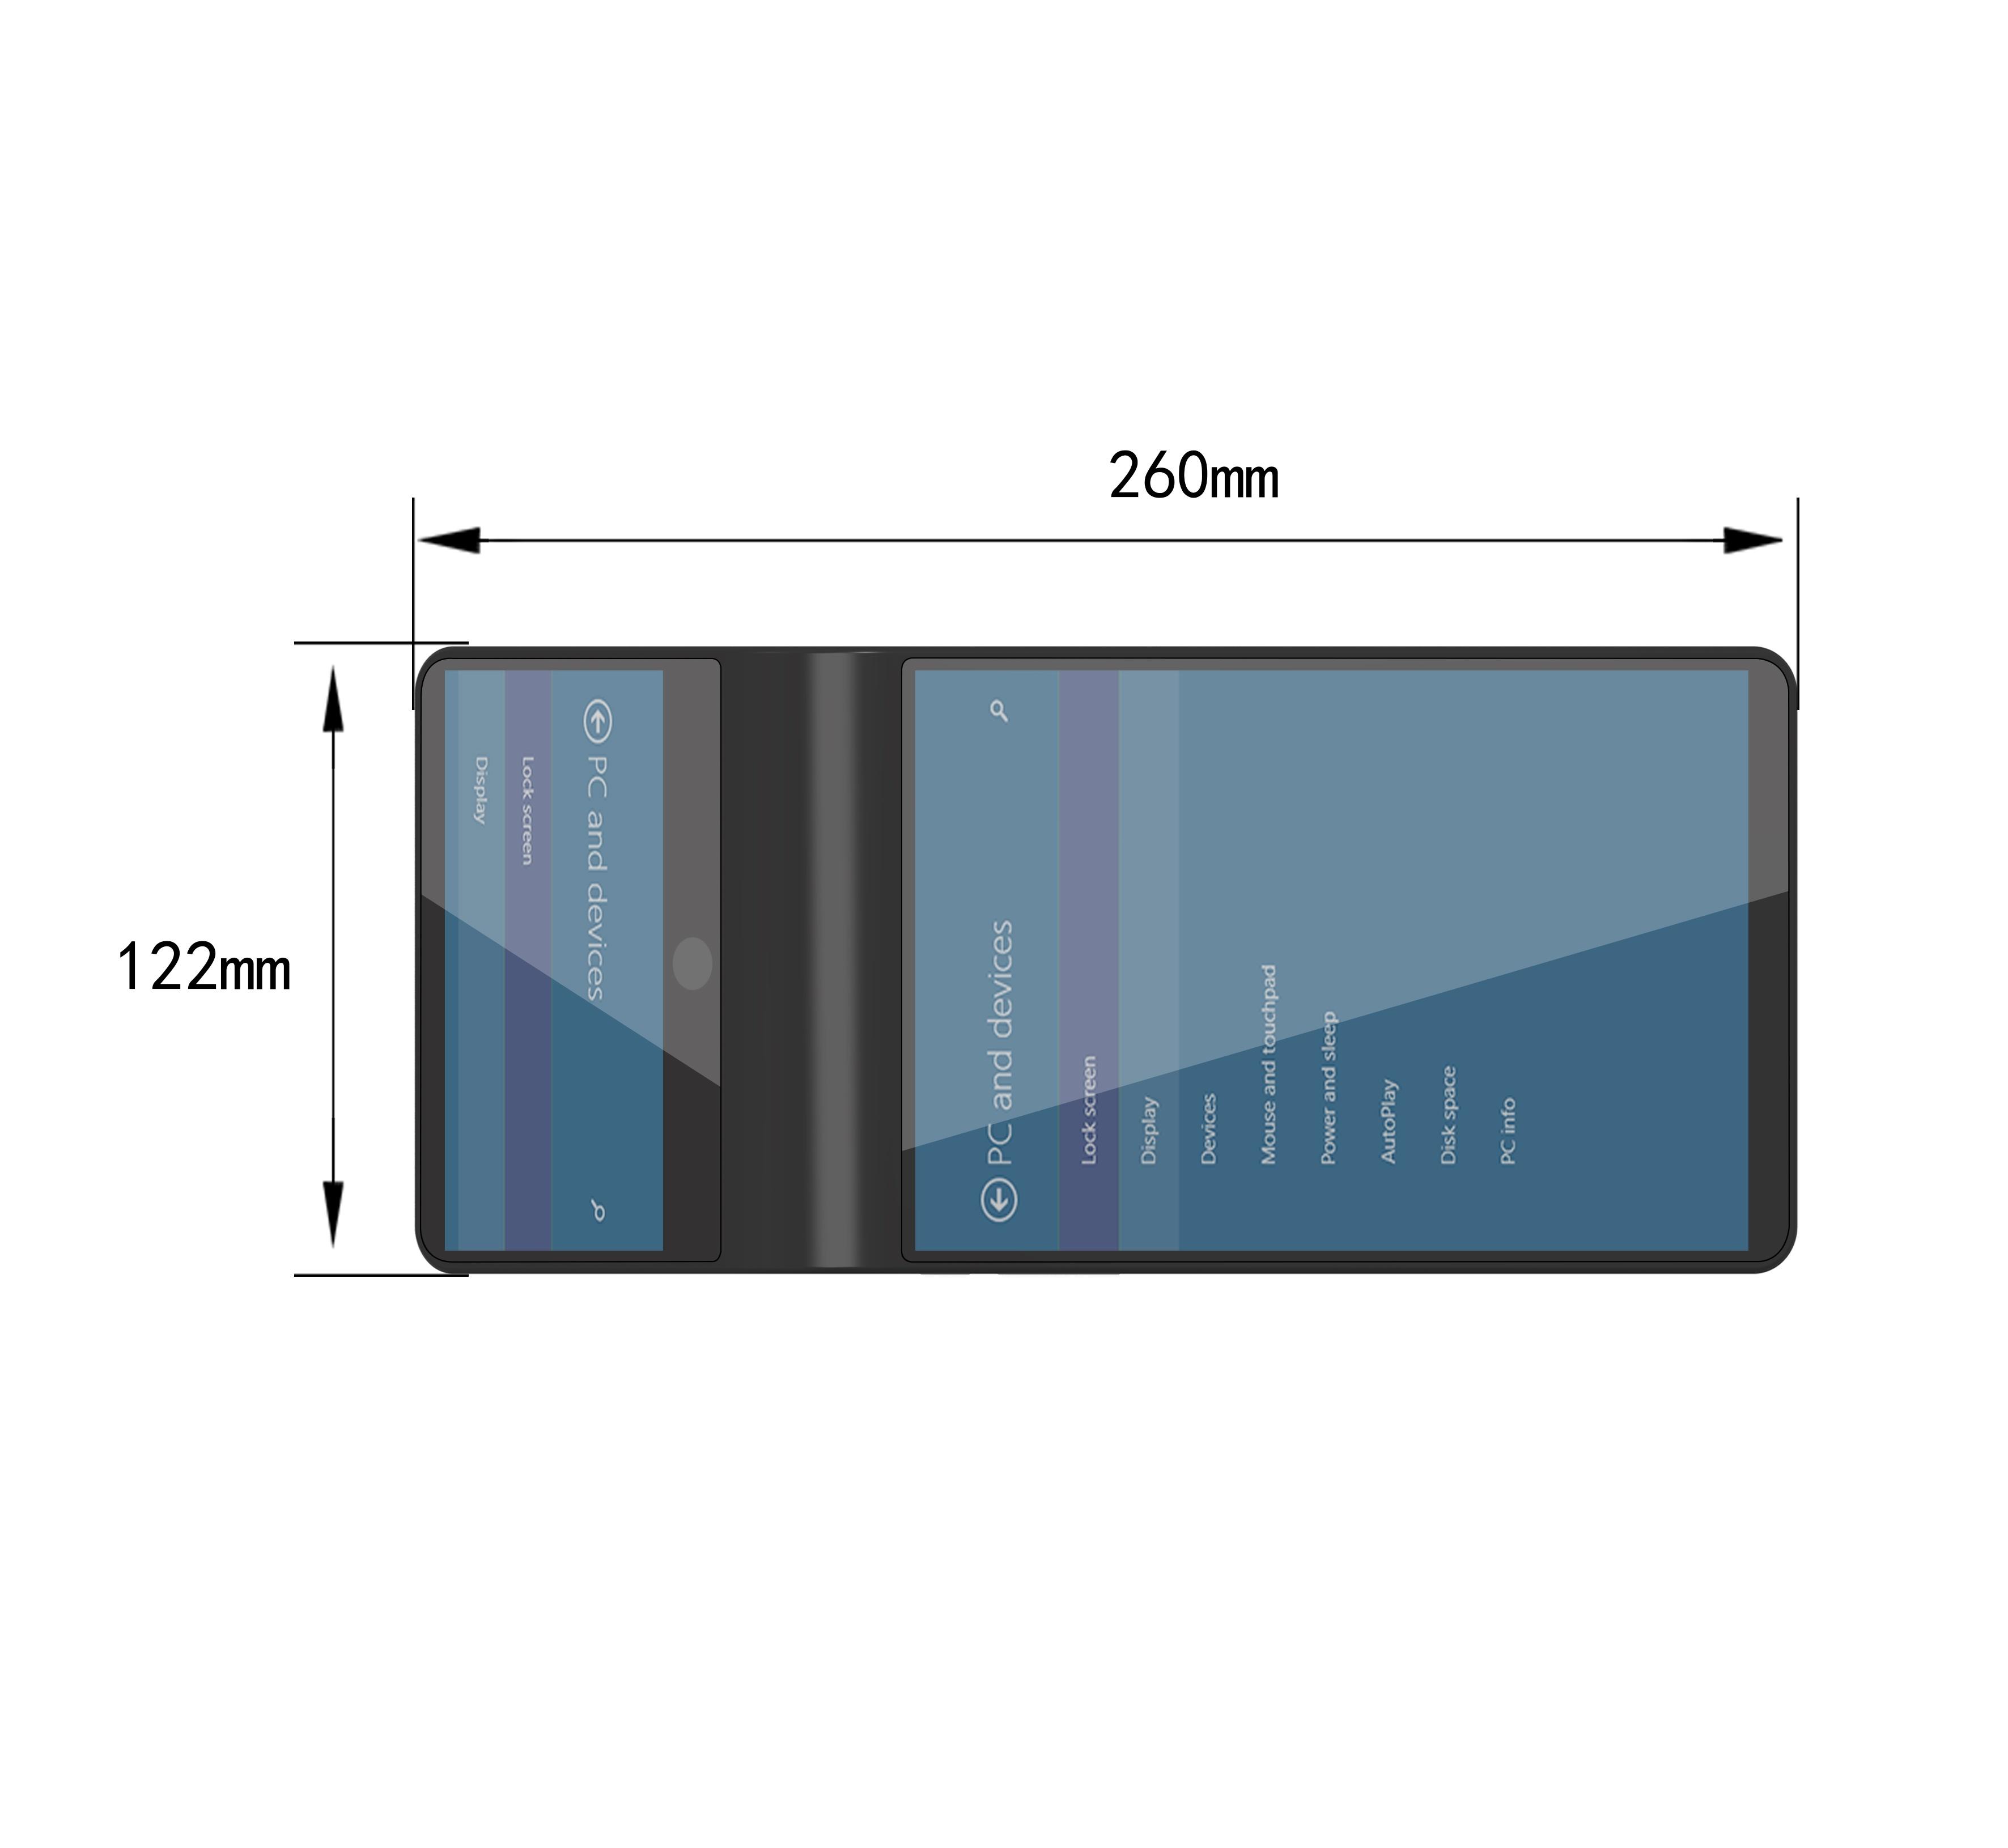 TerminalemobileAndroidtenutoinmanodipo安卓5.0调整重力图片